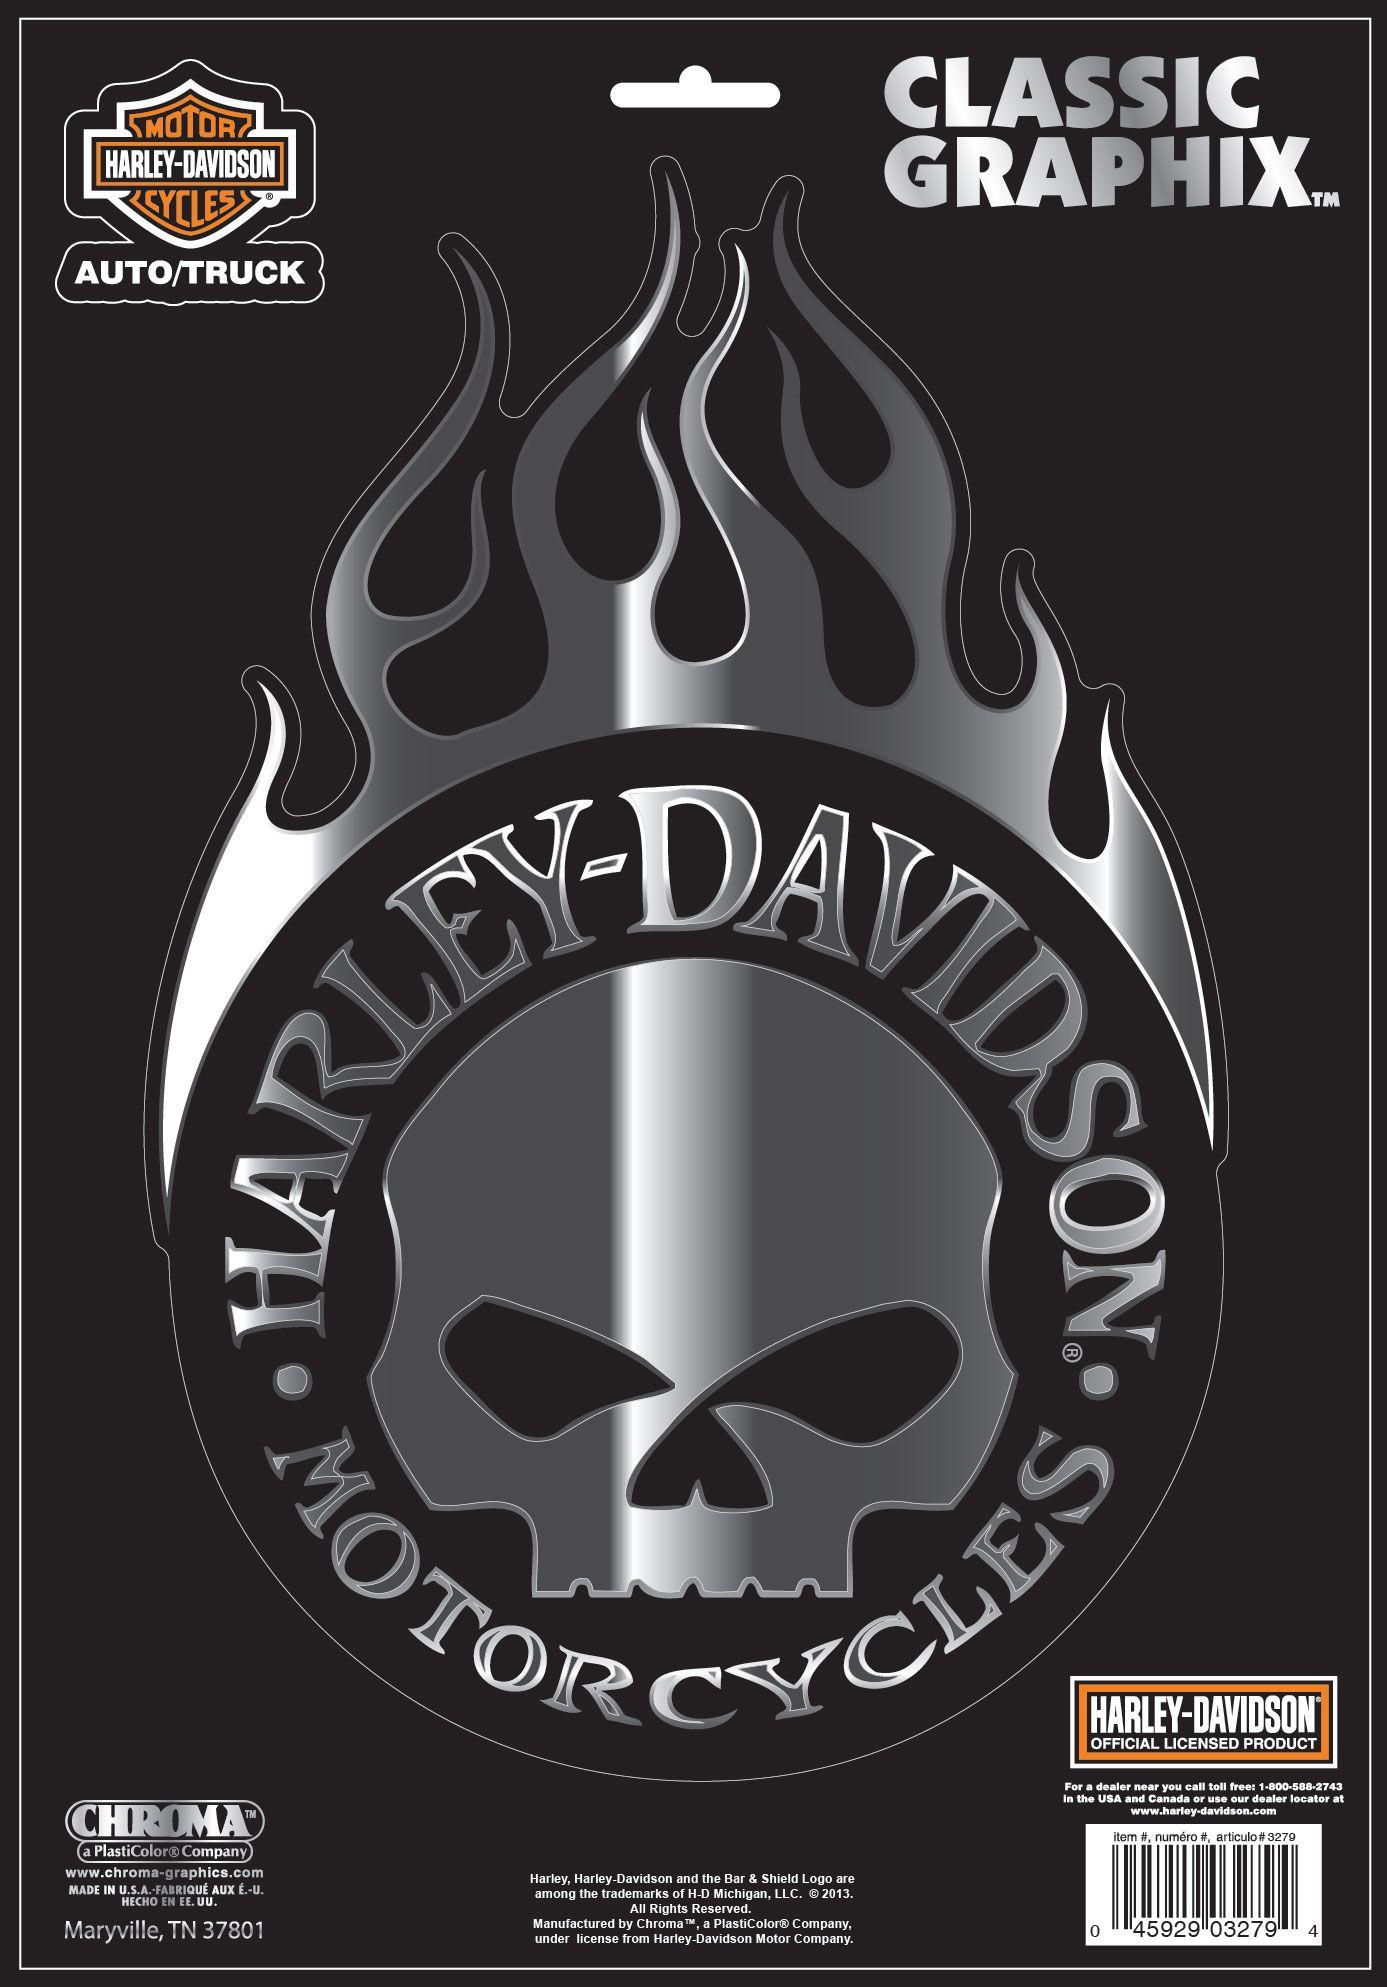 harley davidson willie g skull with flames decal large. Black Bedroom Furniture Sets. Home Design Ideas